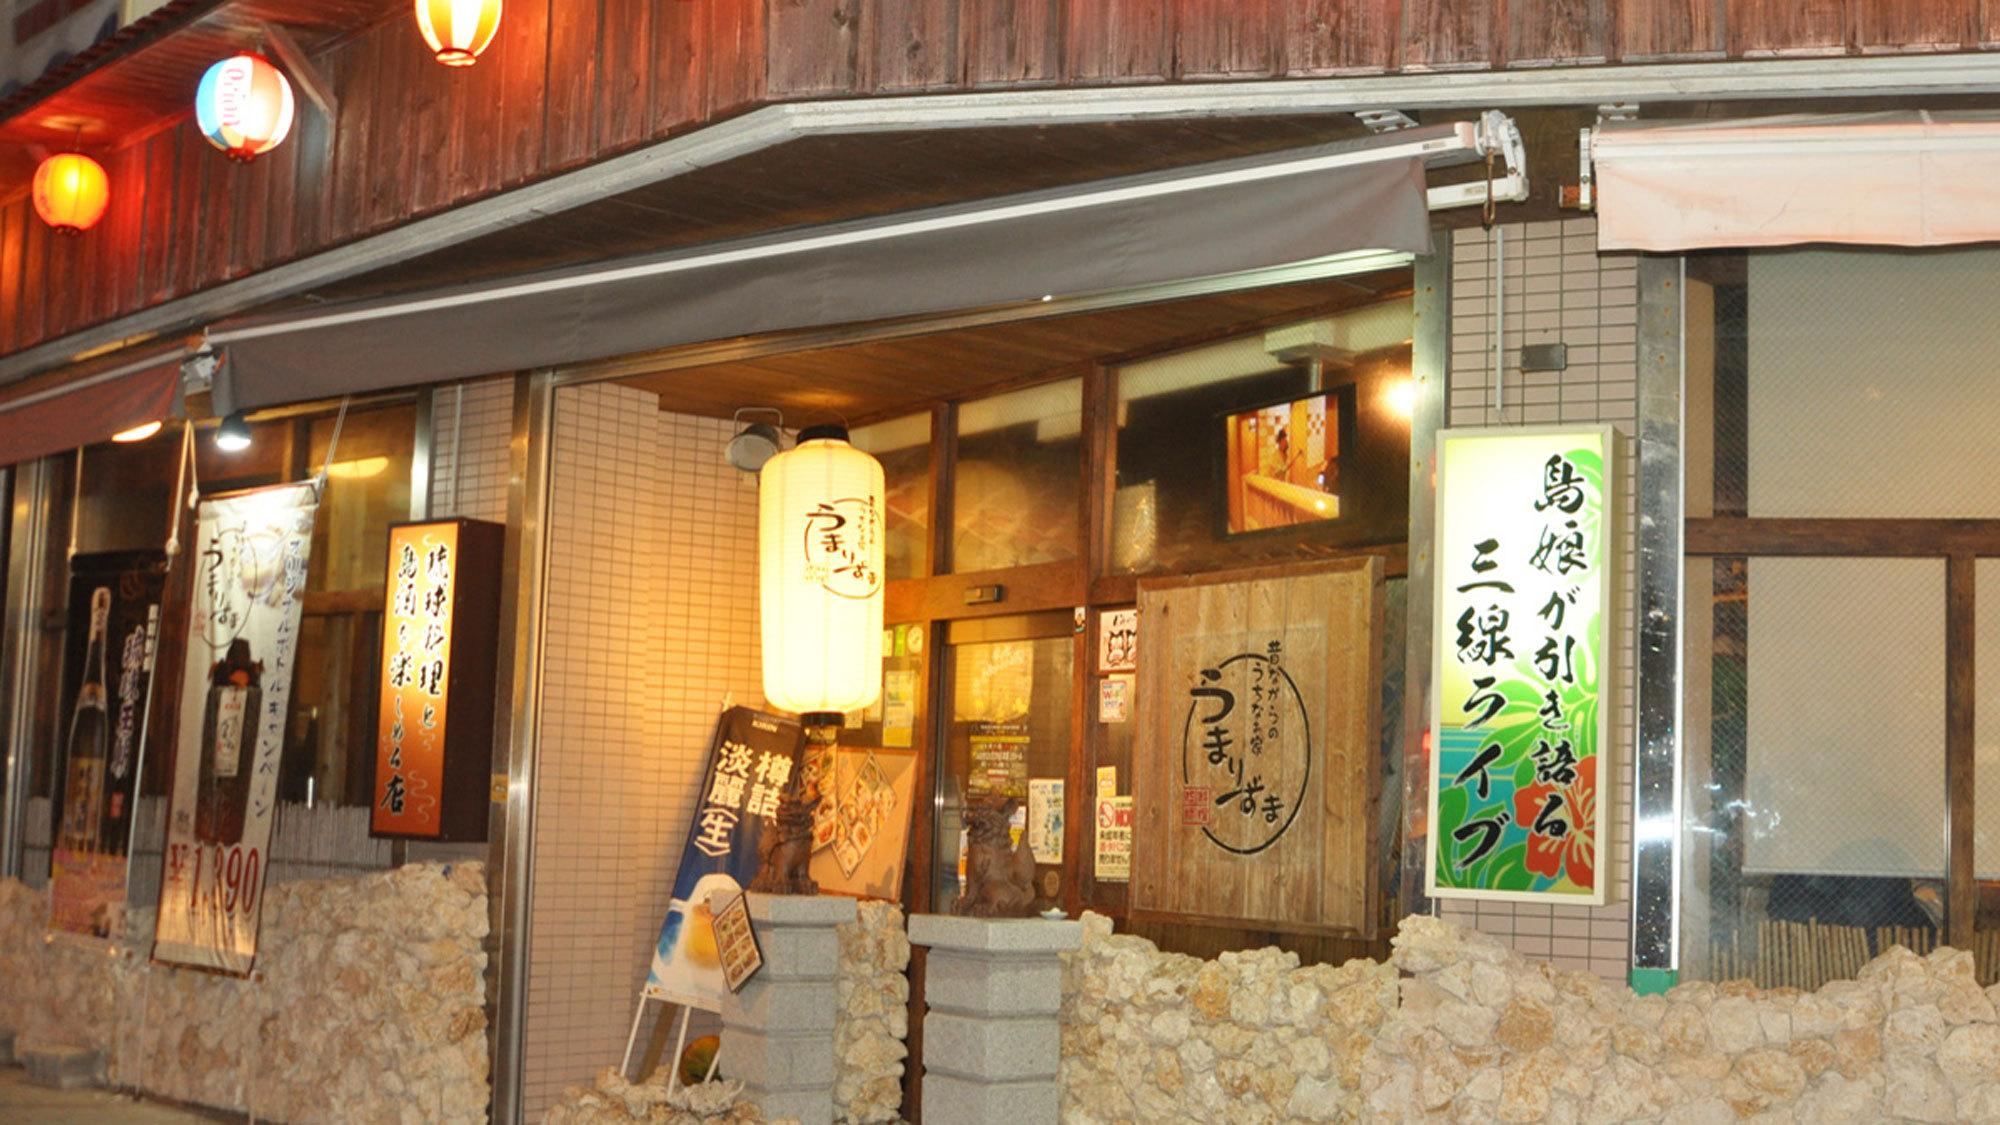 【周辺】沖縄料理店では三線ライブも楽しめます